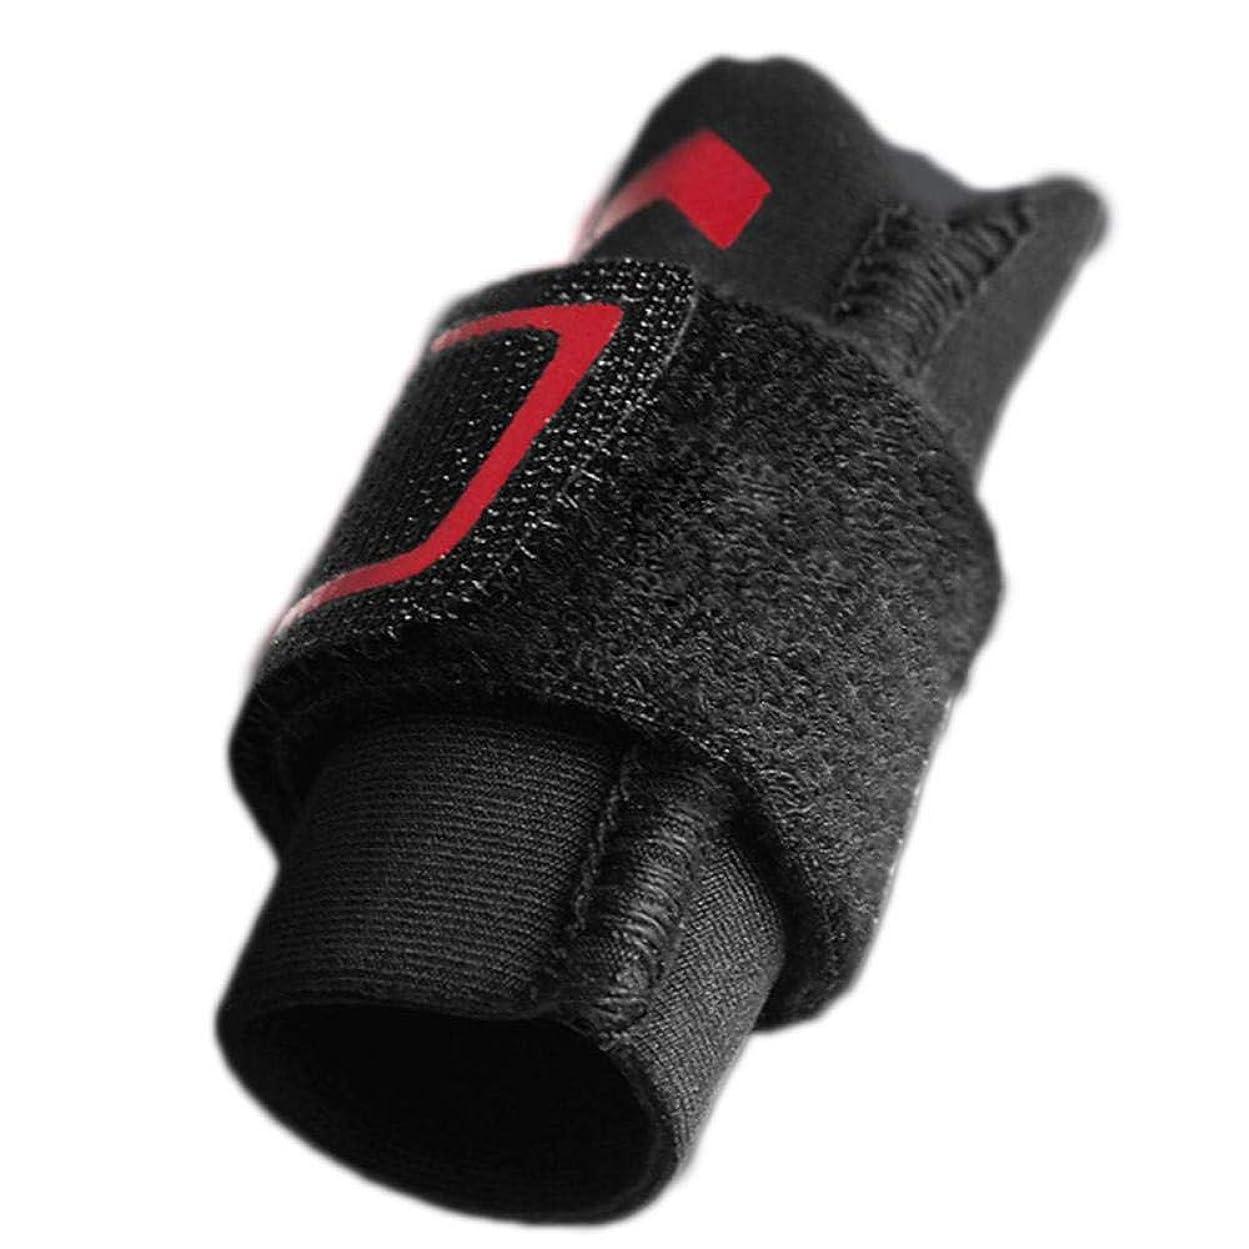 目を覚ます受動的ヒール指の損傷のサポート、指スリーブのサポートプロテクターの指の添え木、調整可能なベルクロ、関節痛の緩和,M